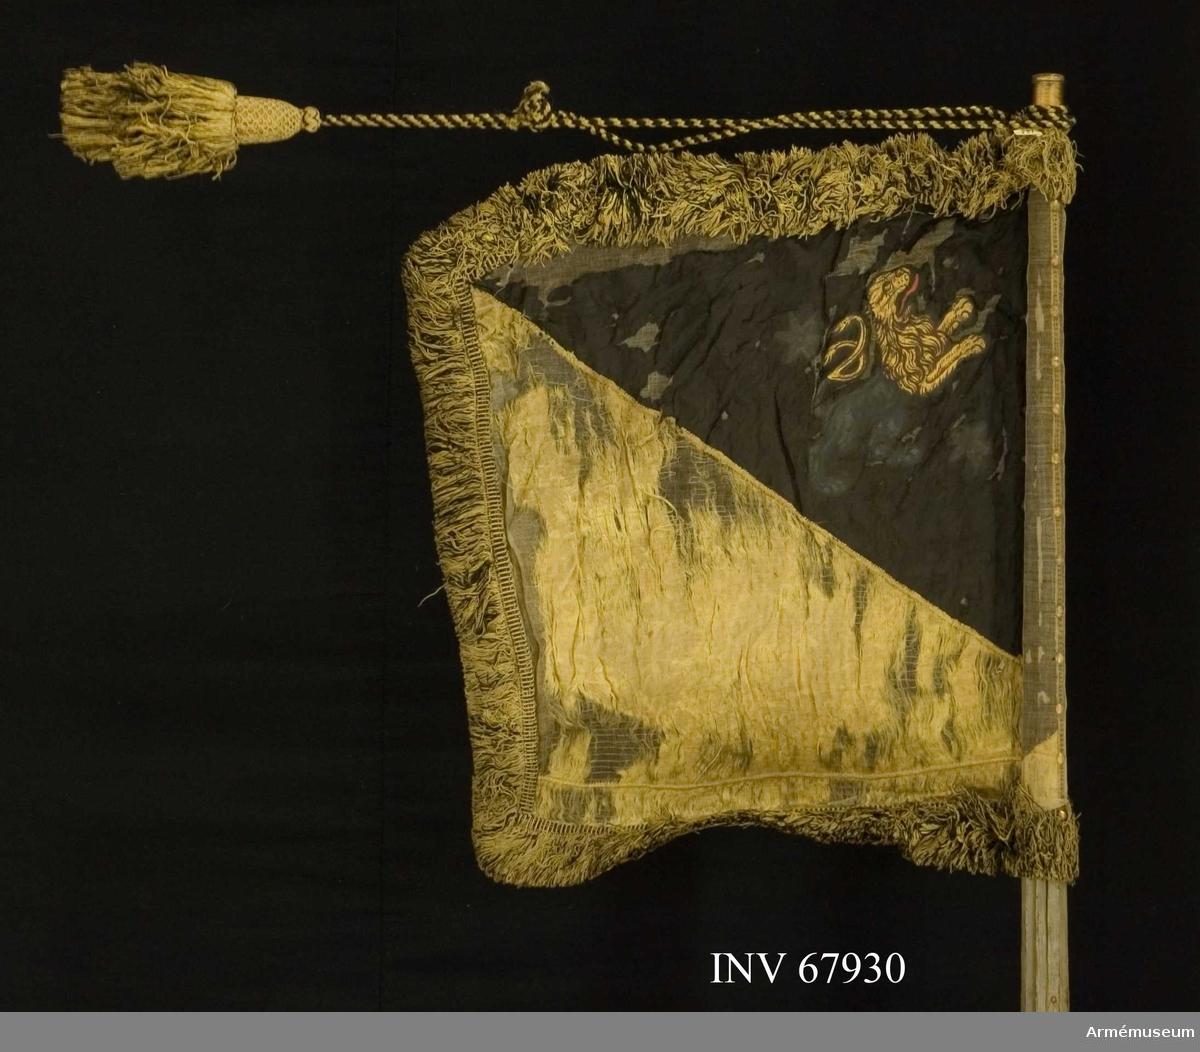 Duk: Enkel, tillverkad av damast, gul och svart, ganska trasig, skarvad nedtill horisontellt.   Dekor: Diagonalt delad i två fält, det övre, inre svart, det nedre, yttre gult; i inre hörnet målat omvänt lika på båda sidor ett upprätt lejon, övre halvan i brunskuggat guld,nedre i mörkgrått, följt av två stjärnor i svartskuggat silver (Västergötlands vapen).   Frans: Dubbel, i svart och gult silke, fäst vid stången med tre rader tennlickor på svarta och gula band.   Stång: Tillverkad av trä, kannelerad; holk av mässing; doppsko av läder, fastsydd.